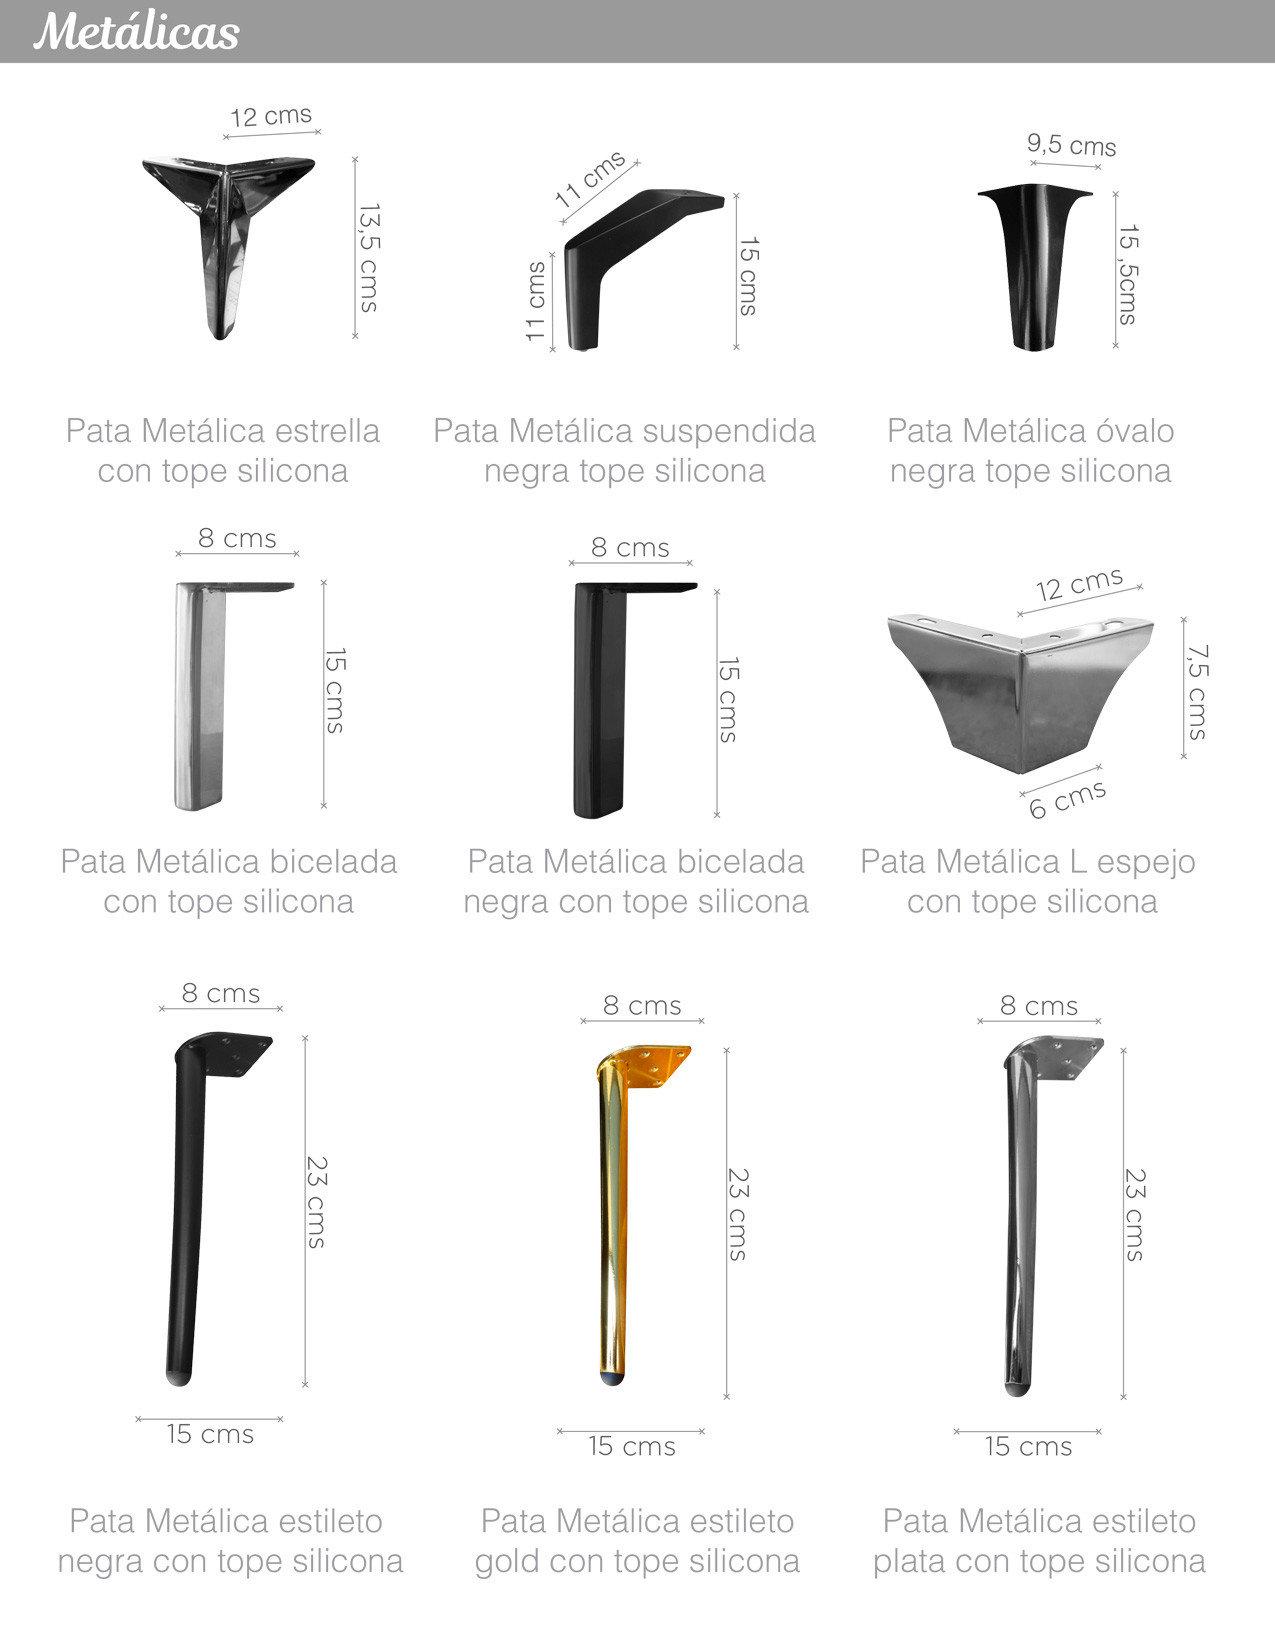 Patas metálicas óvalo, bicelada, estileto para sillon